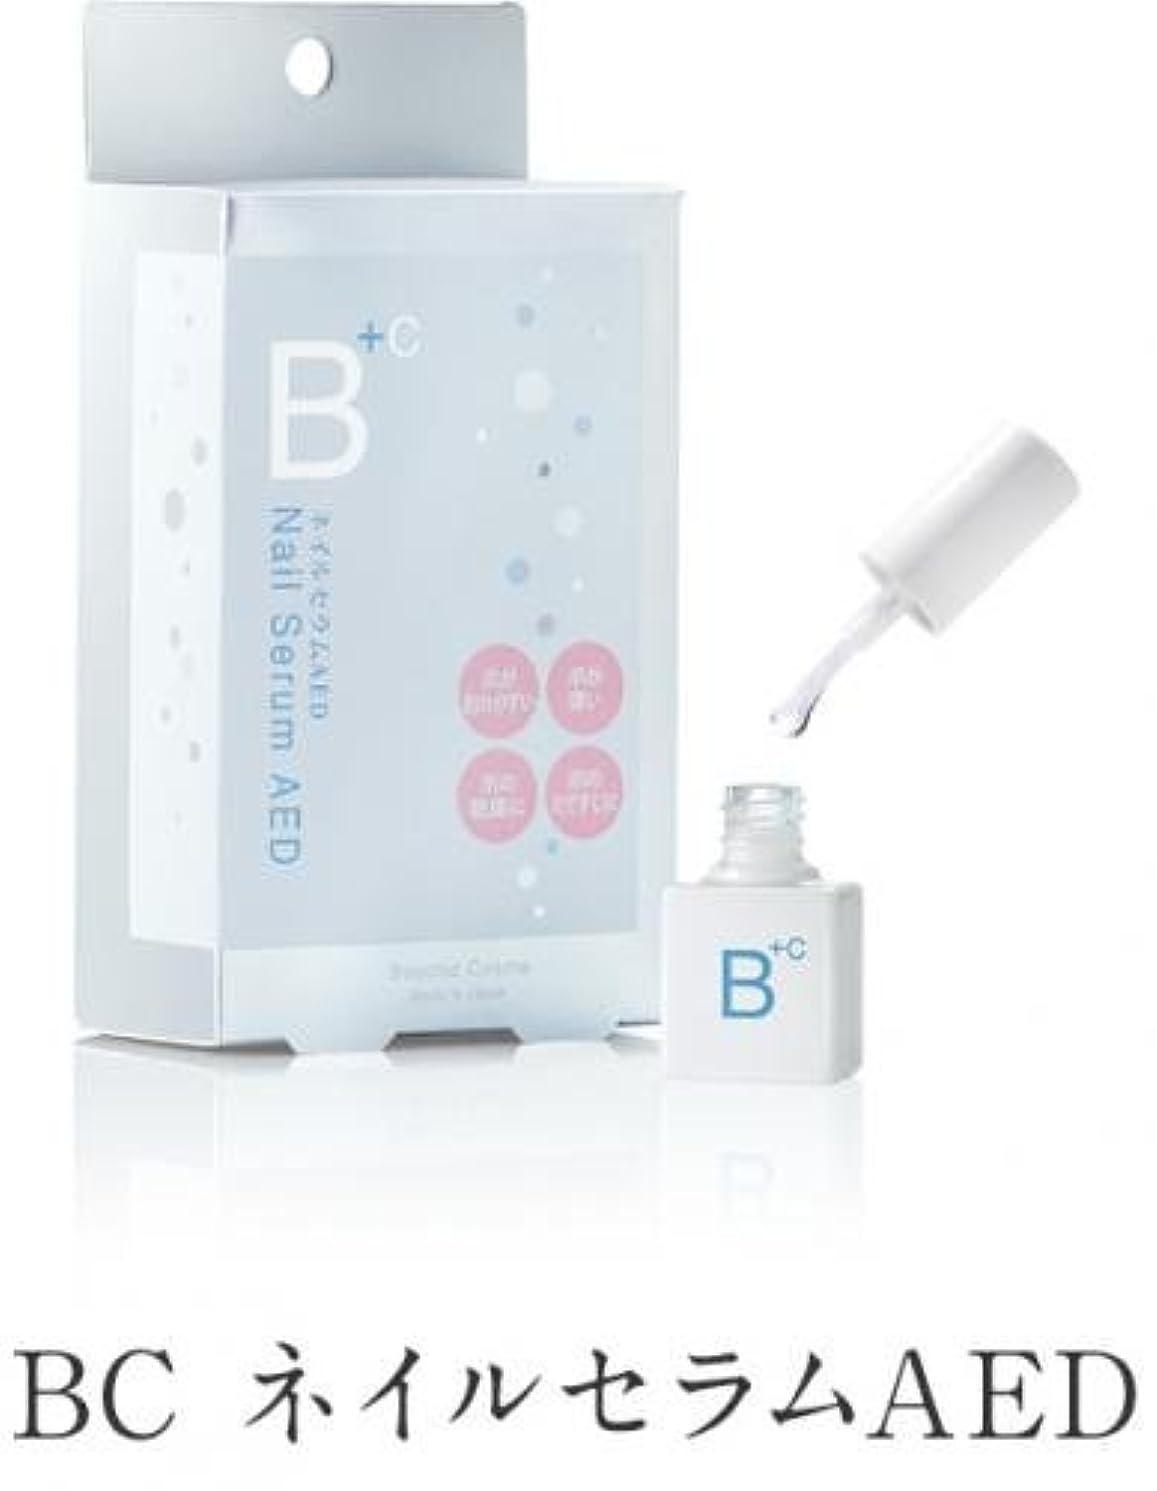 死電化する項目ディアローラ BCネイルセラムAED BC-01 3.3ml